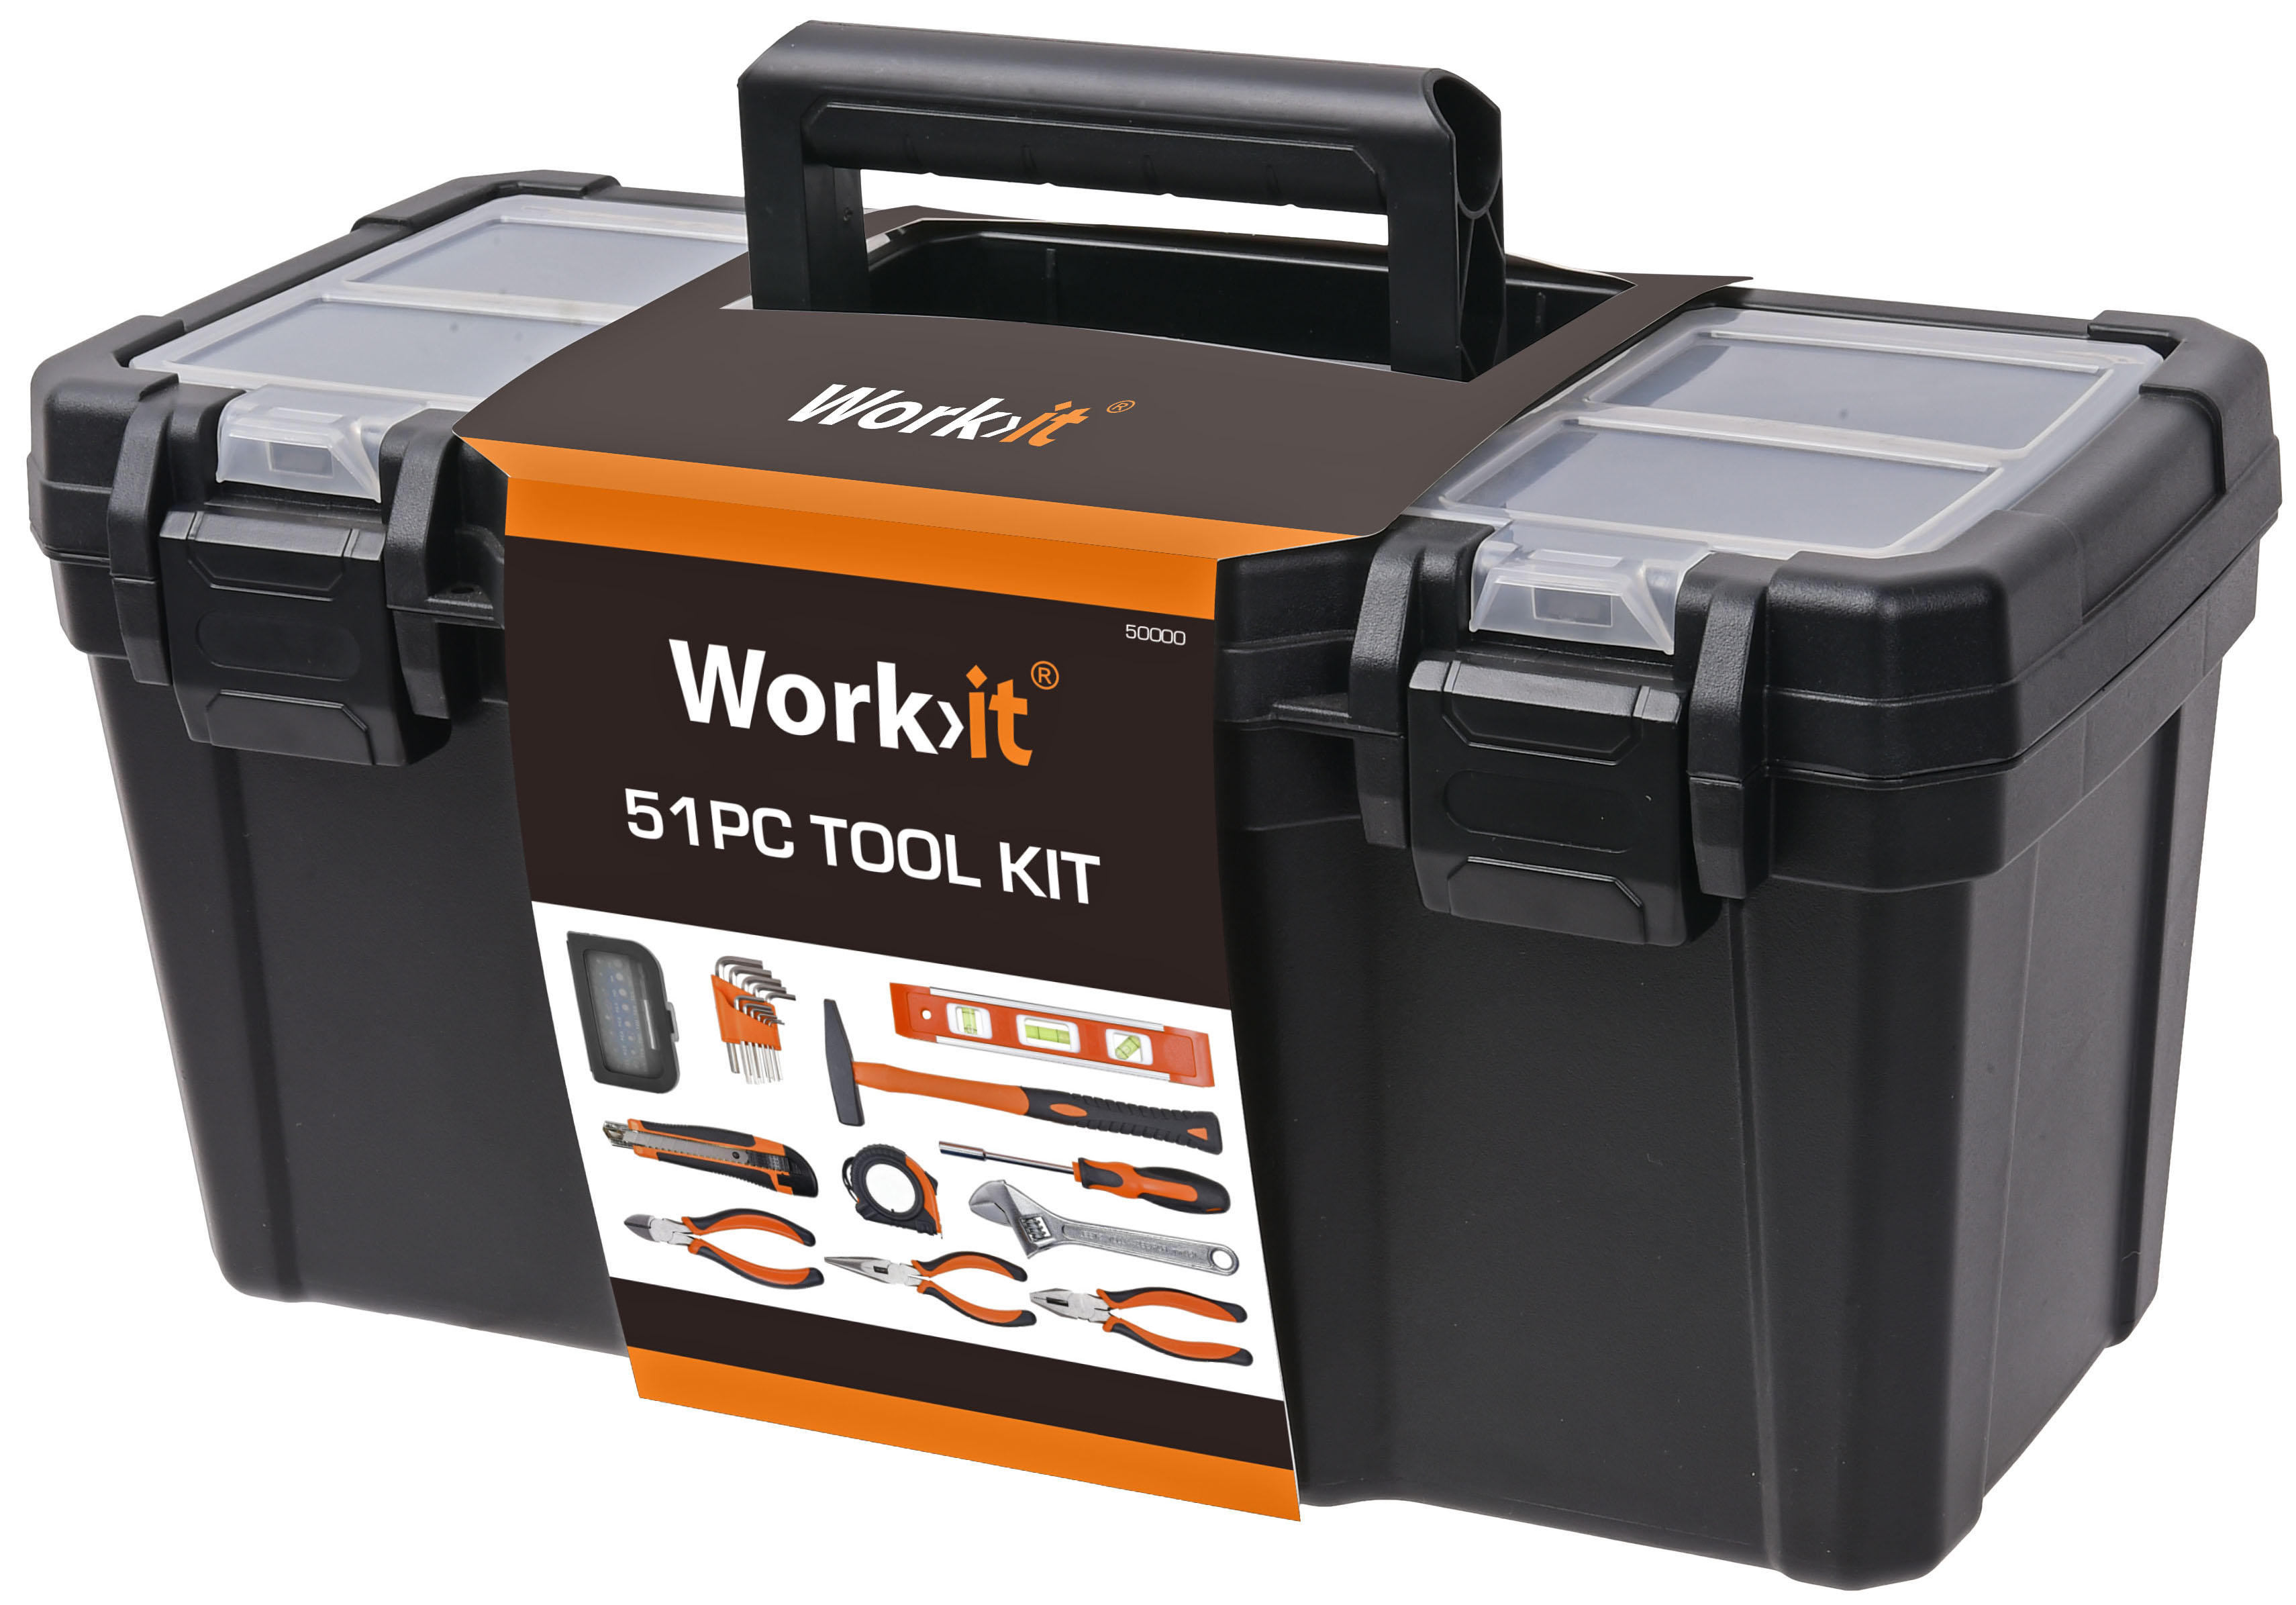 Værktøjssæt med værktøjskasse, 51 dele